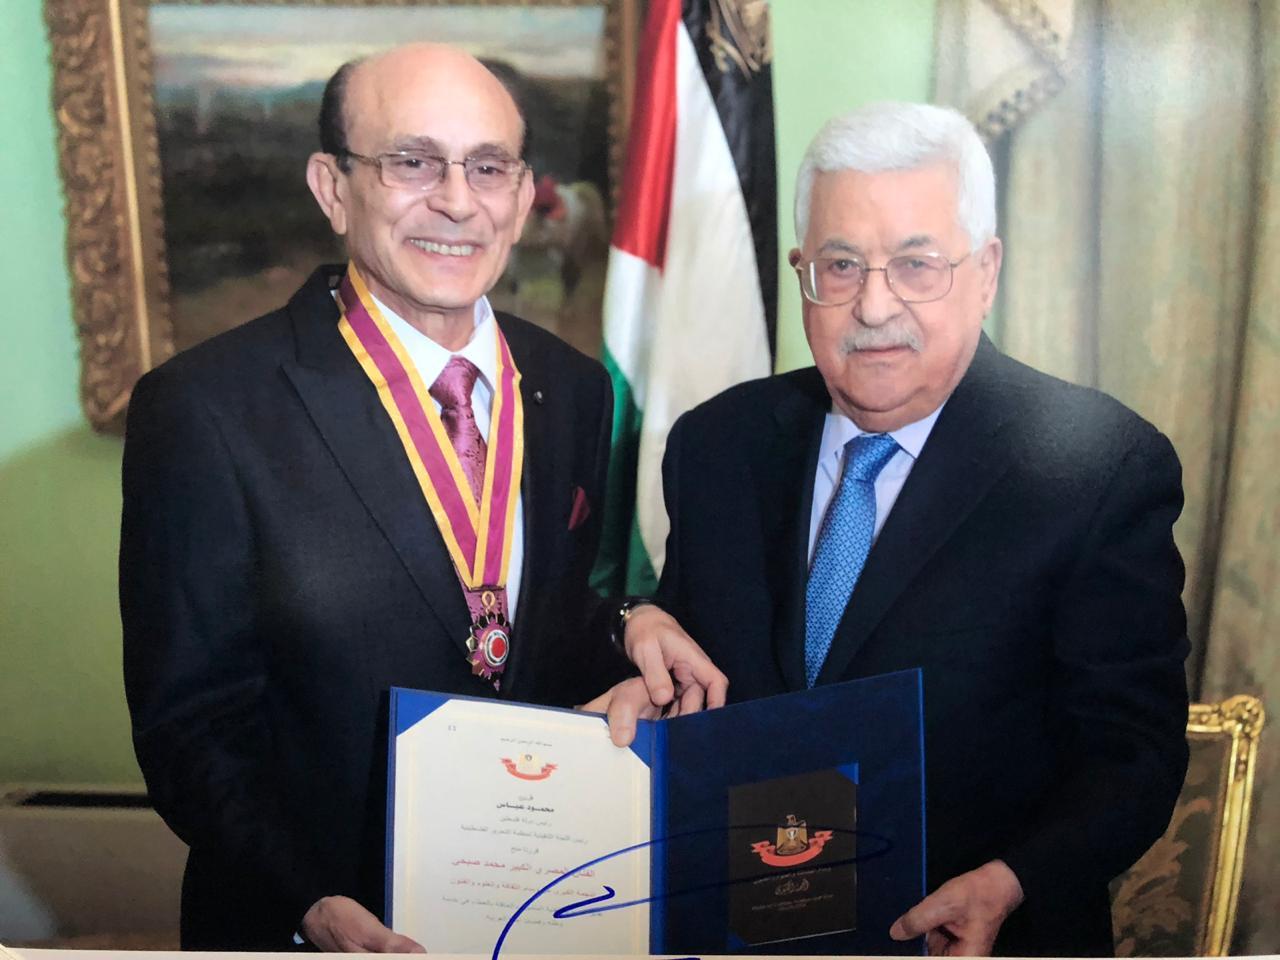 الرئيس الفلسطيني ابومازن يكرم النجم محمد صبحي